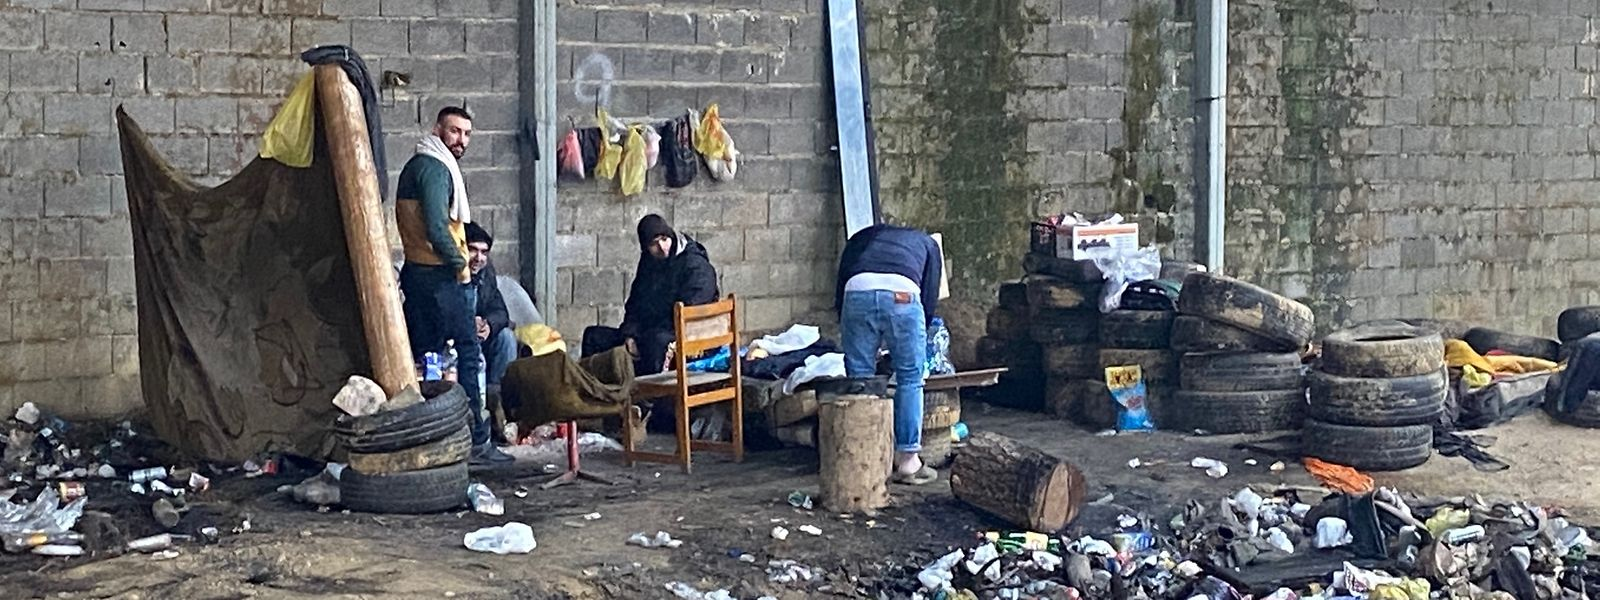 Im Nordwesten von Bosnien-Herzegowina, in der Stadt Velika Kladusa, leben Flüchtlinge unter erbärmlichen Bedingungen.